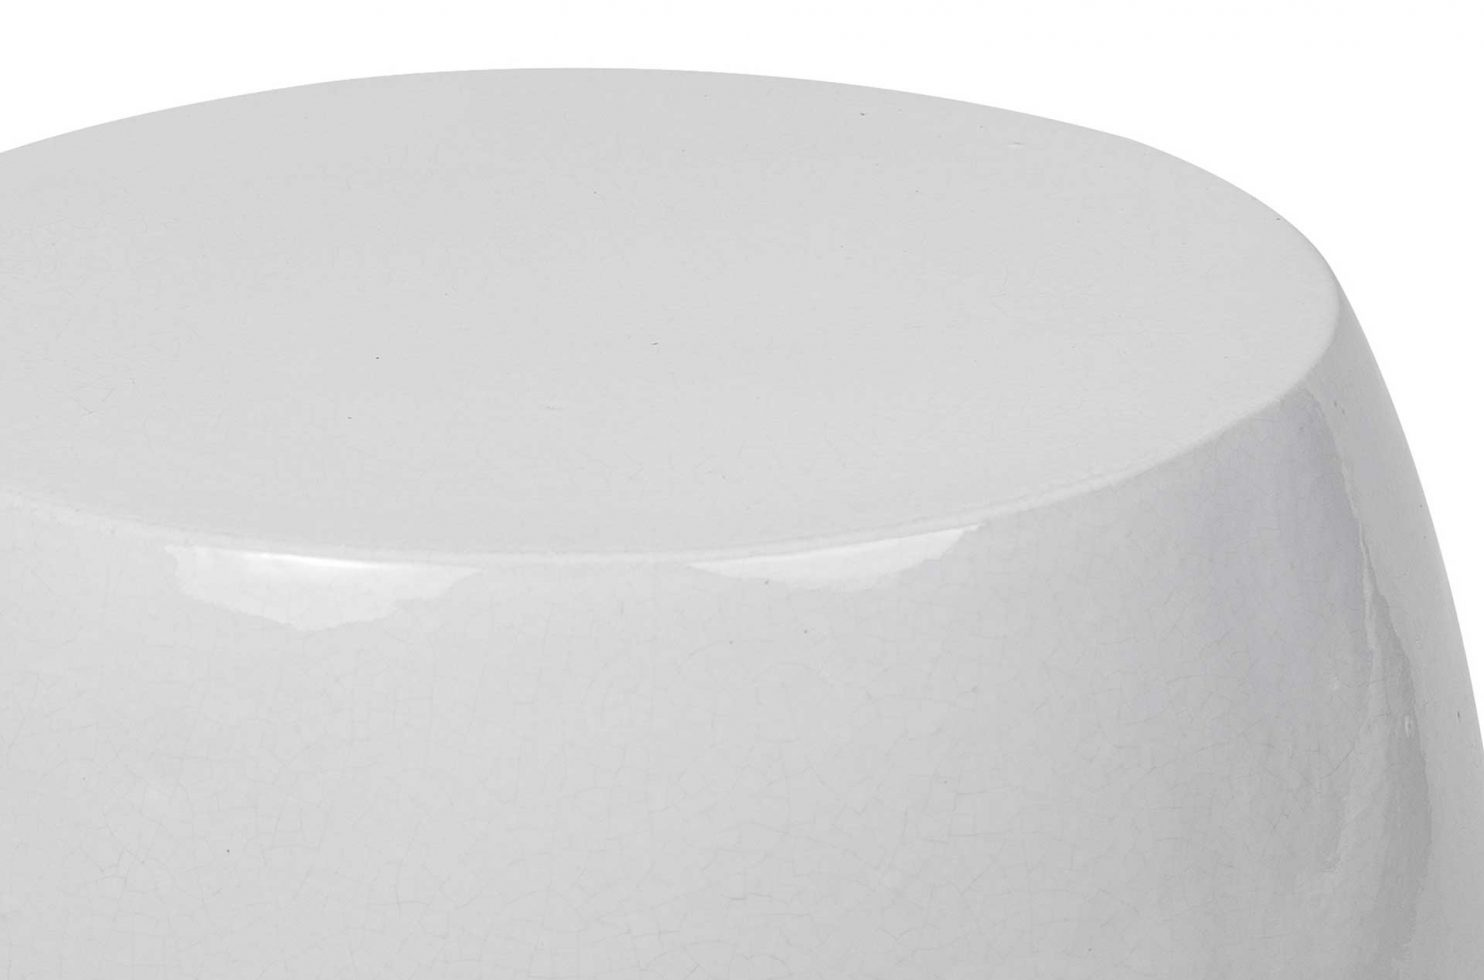 prov cer bud stool C3080352215 mist turquoise dtl1 web